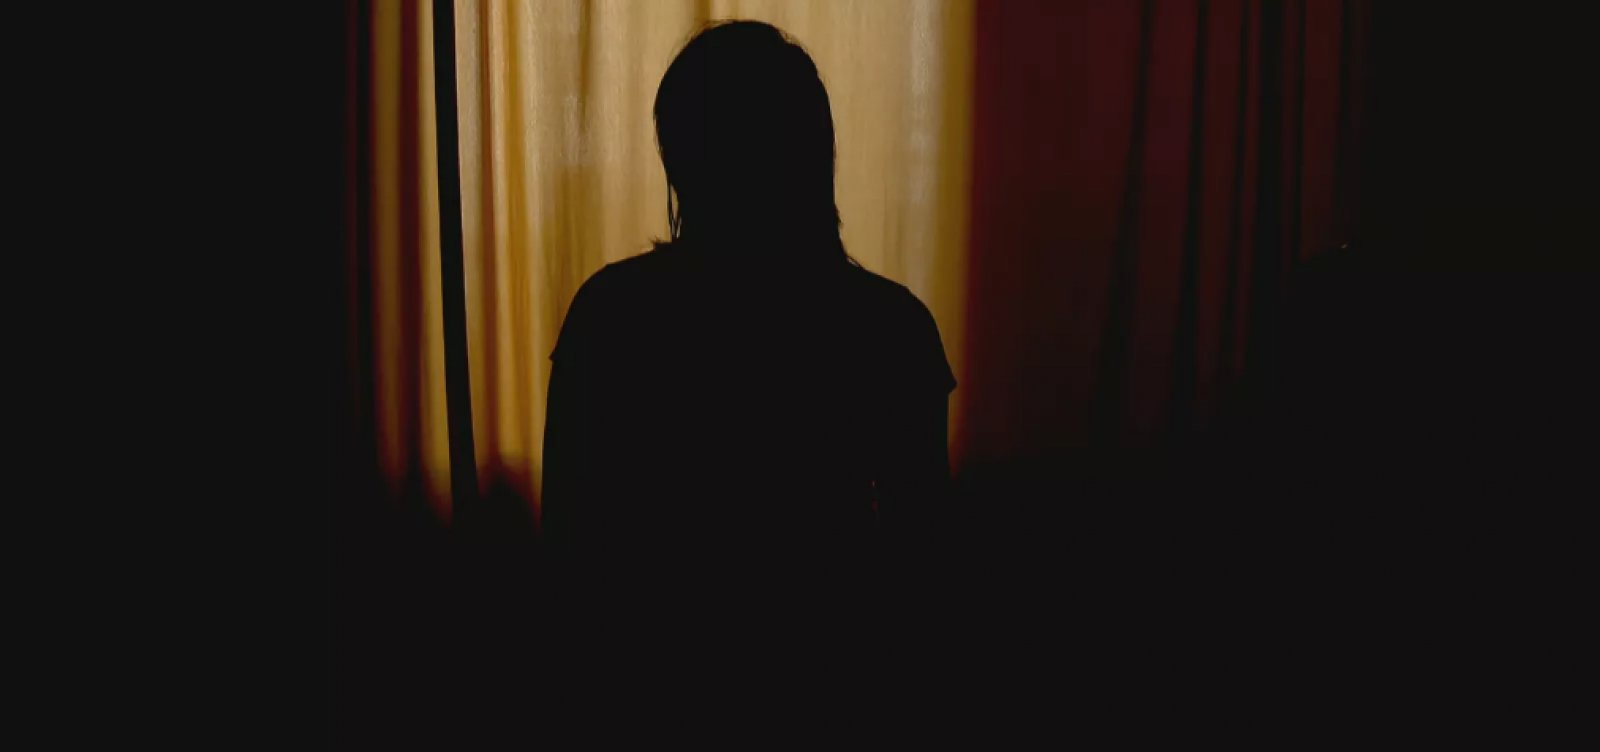 [Registros de estupro batem recorde no Brasil em 2018; casos de injúria racial aumentam 20%]